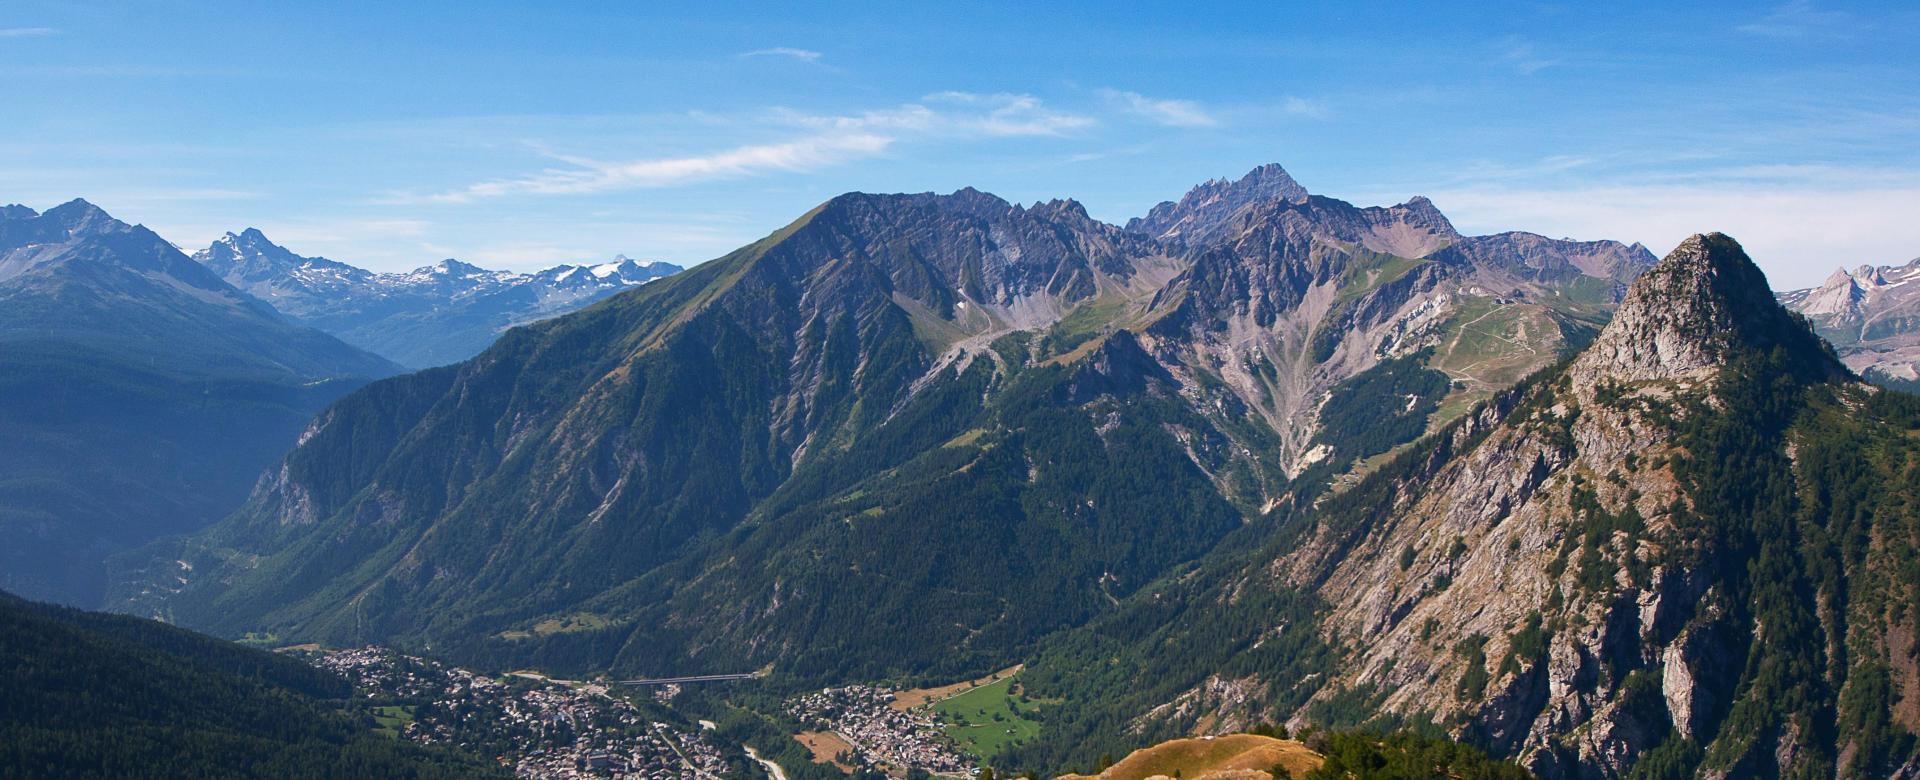 Voyage à pied : Trail des géants avec julien chorier